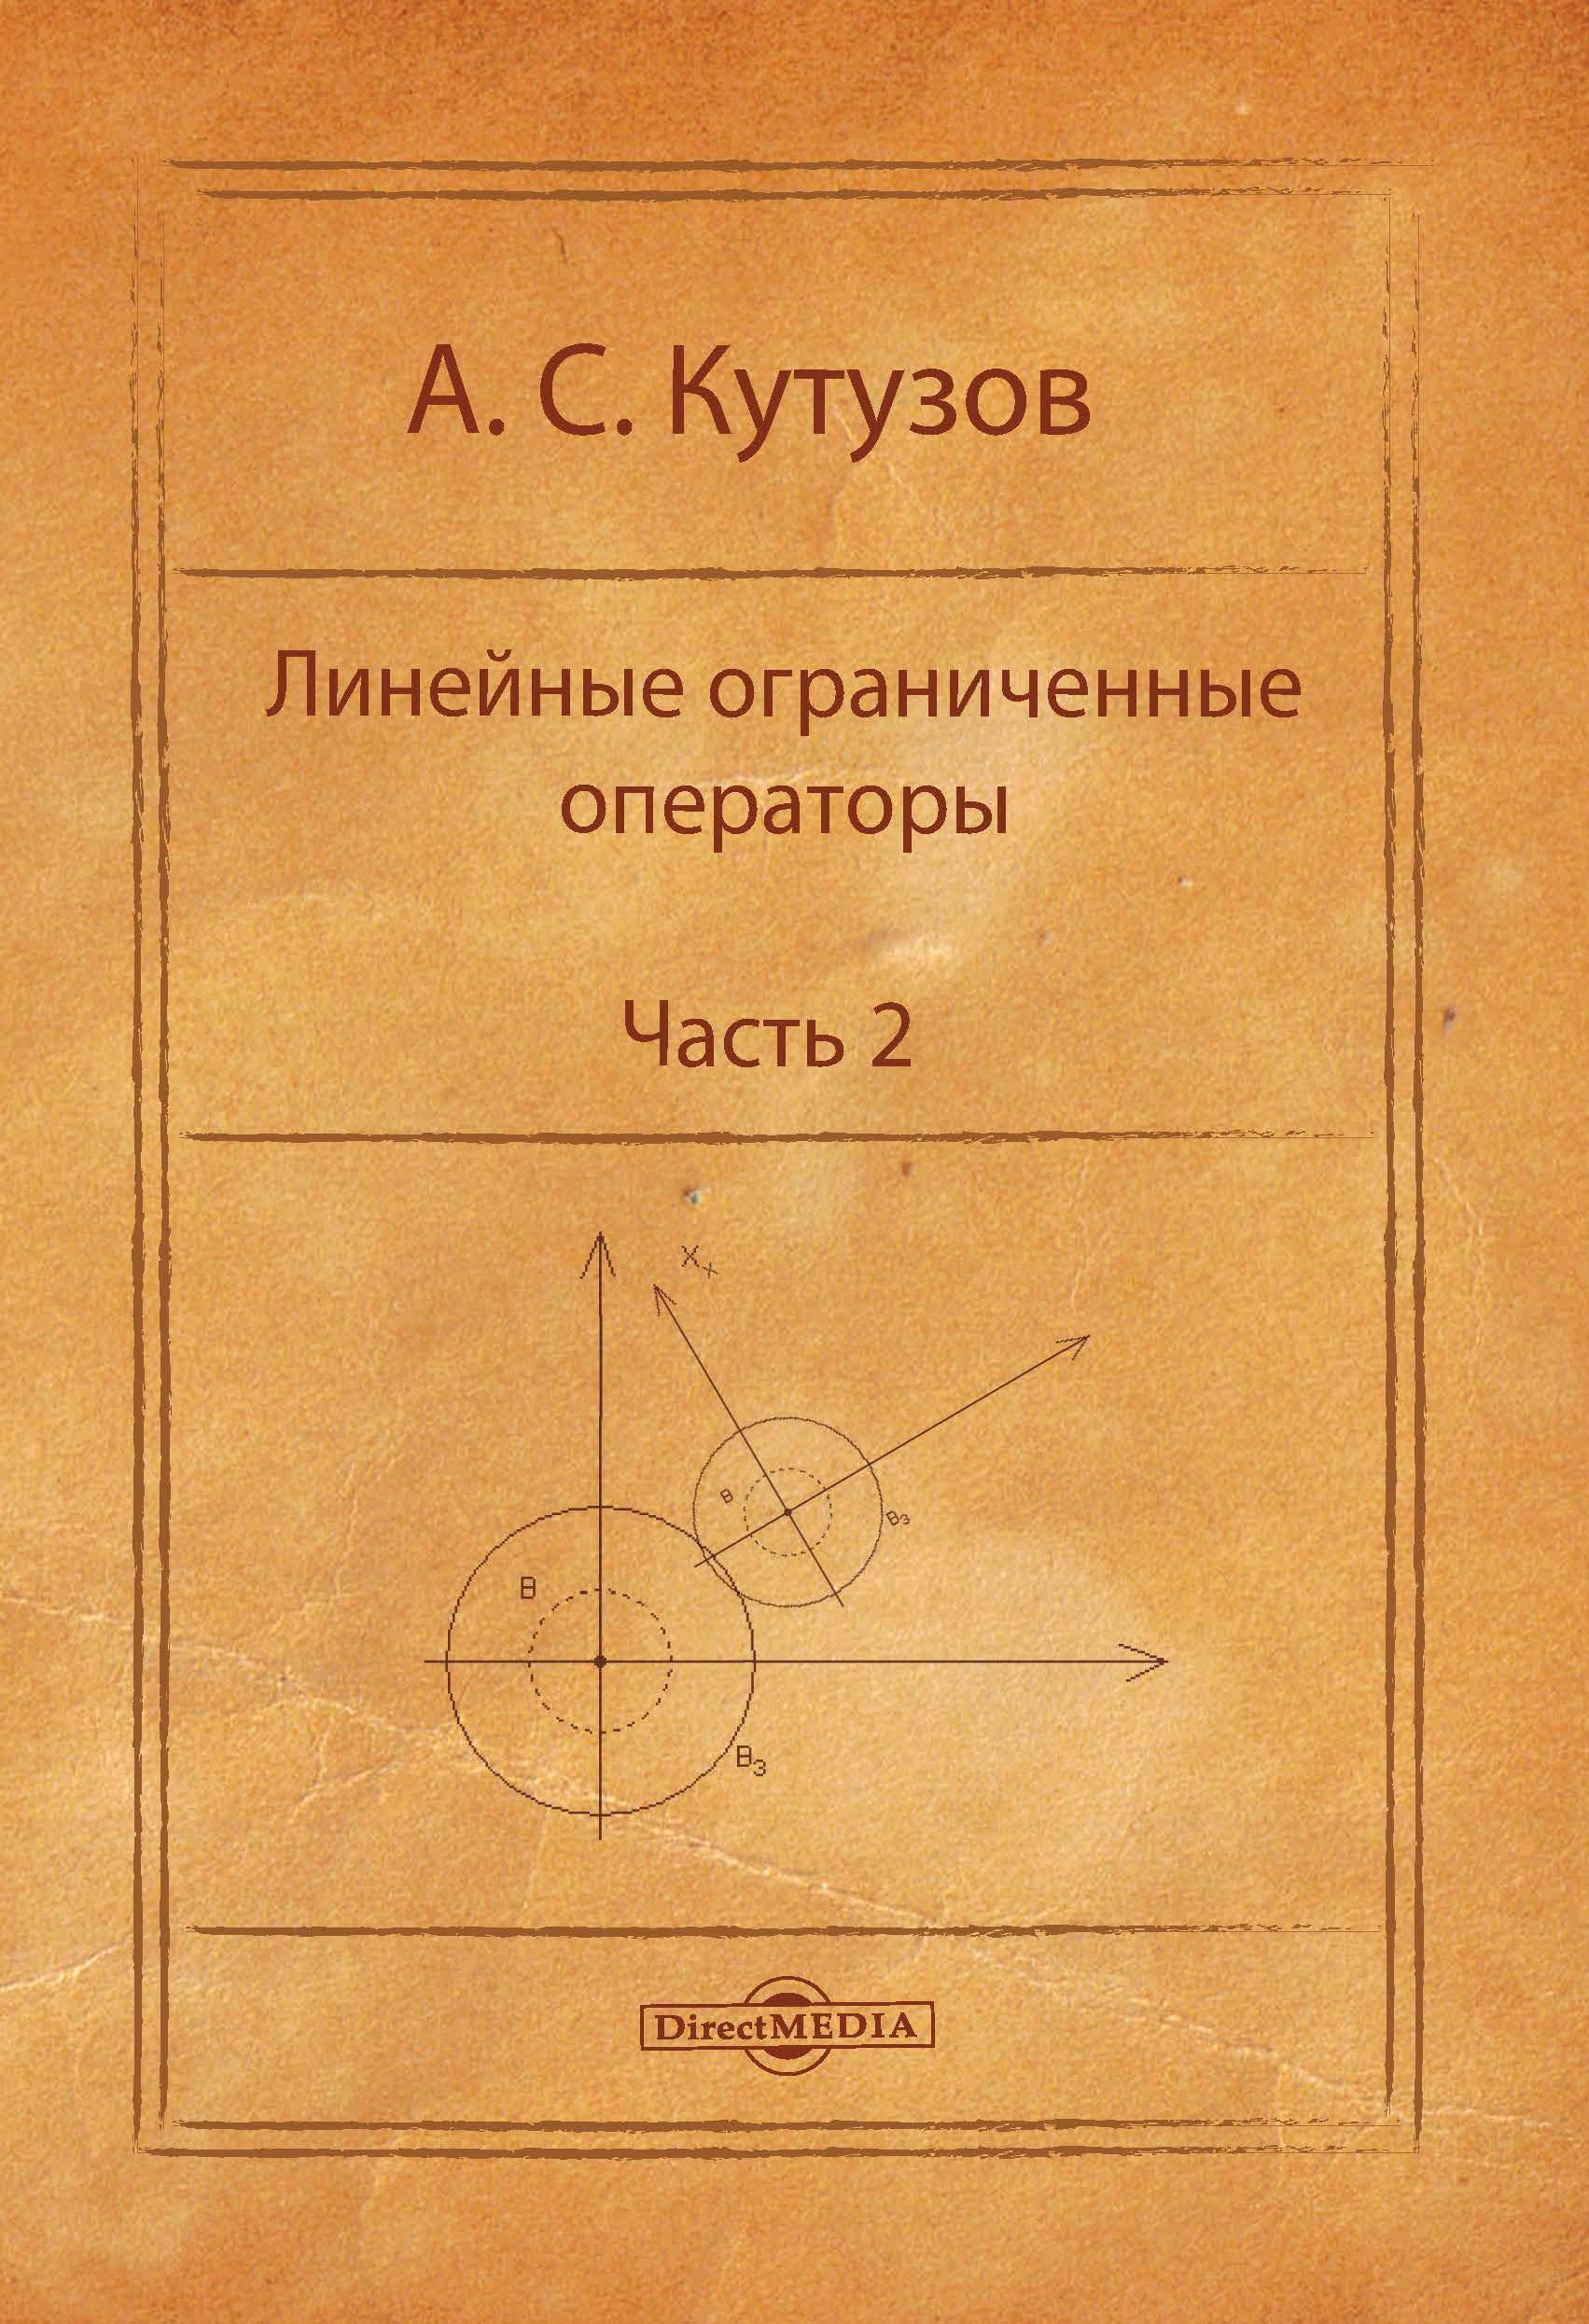 Антон Кутузов Линейные ограниченные операторы. Часть 2 антон кутузов линейные ограниченные операторы часть 1